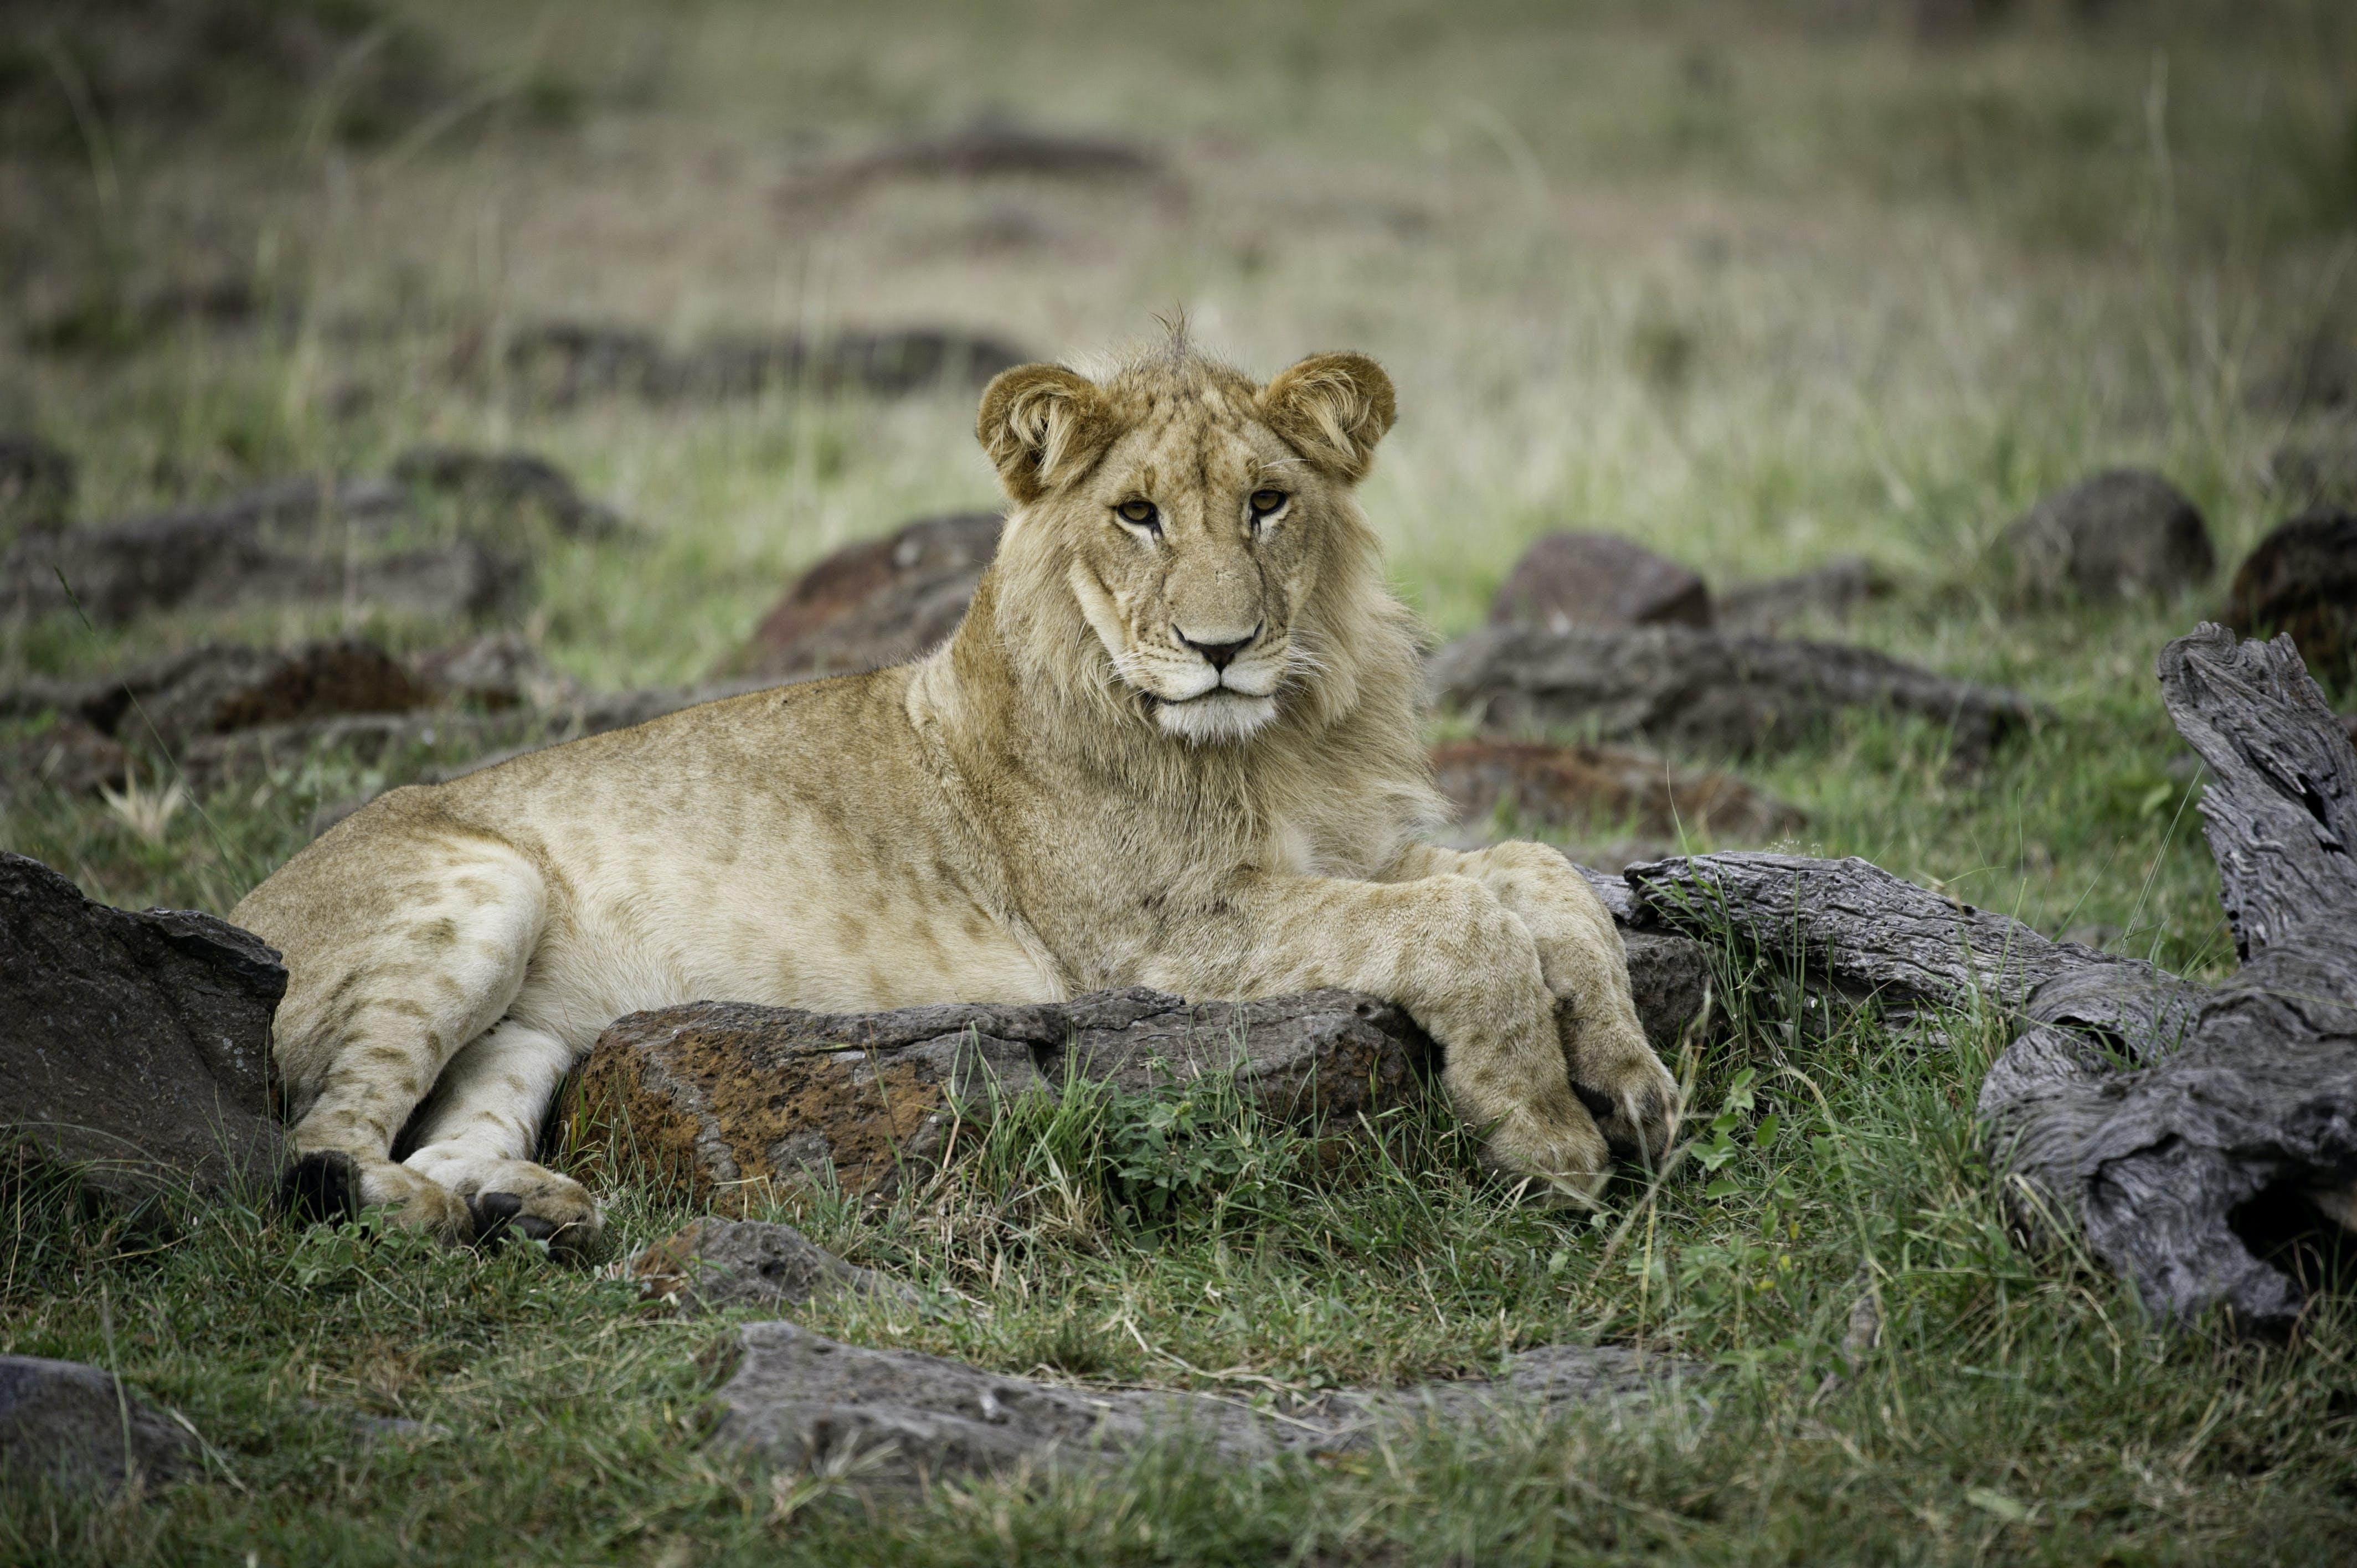 Foto d'estoc gratuïta de animal, carnívor, concentrar-se, depredador